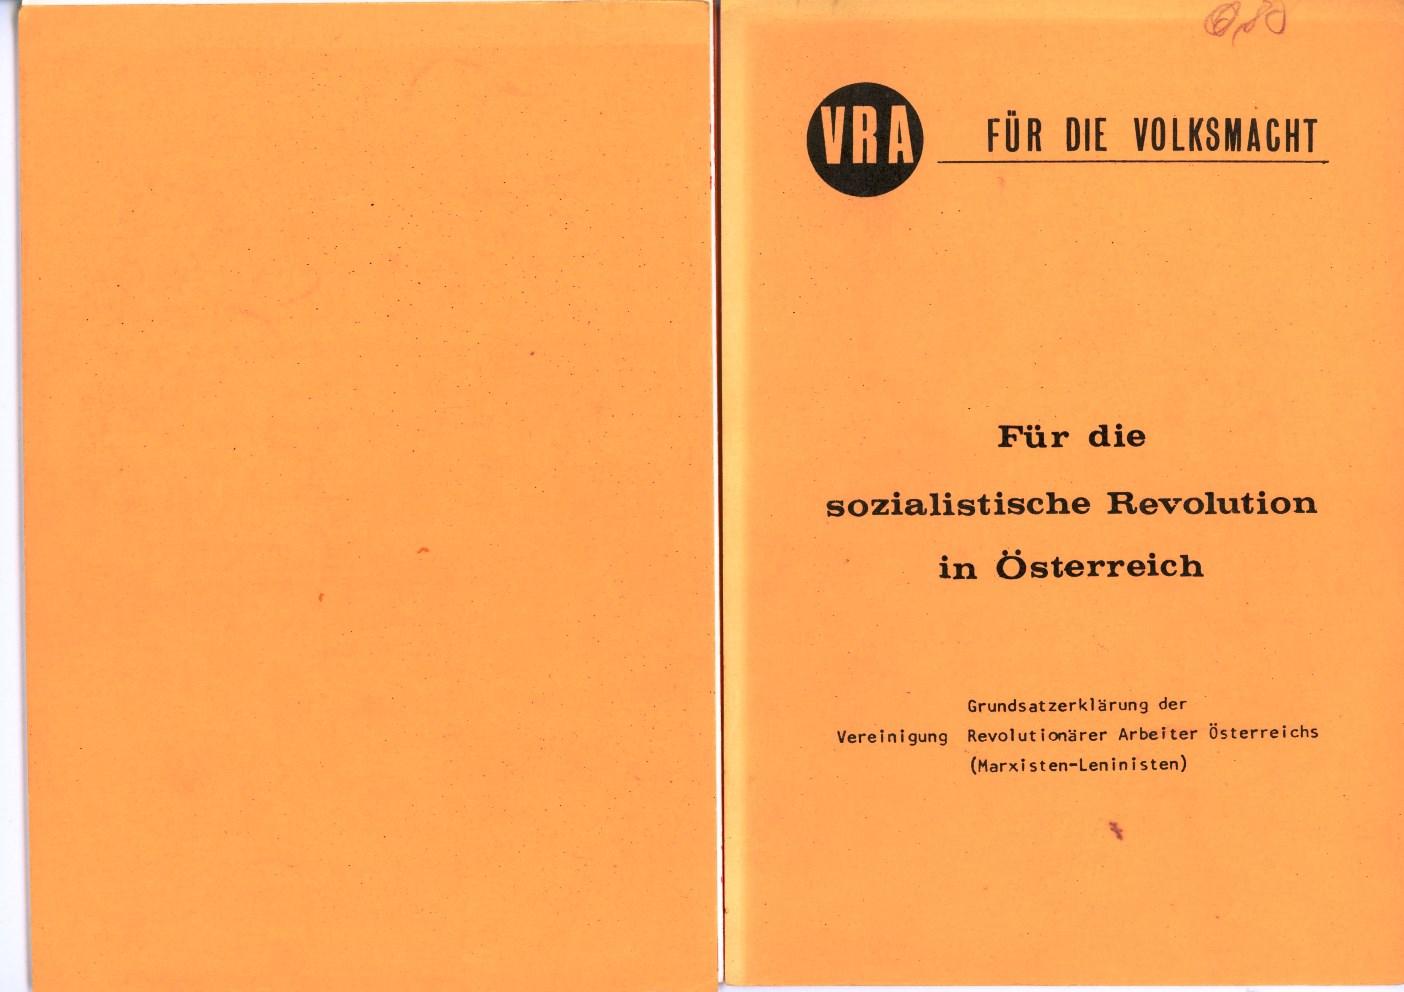 VRA_Grundsatzerklaerung_1971_01